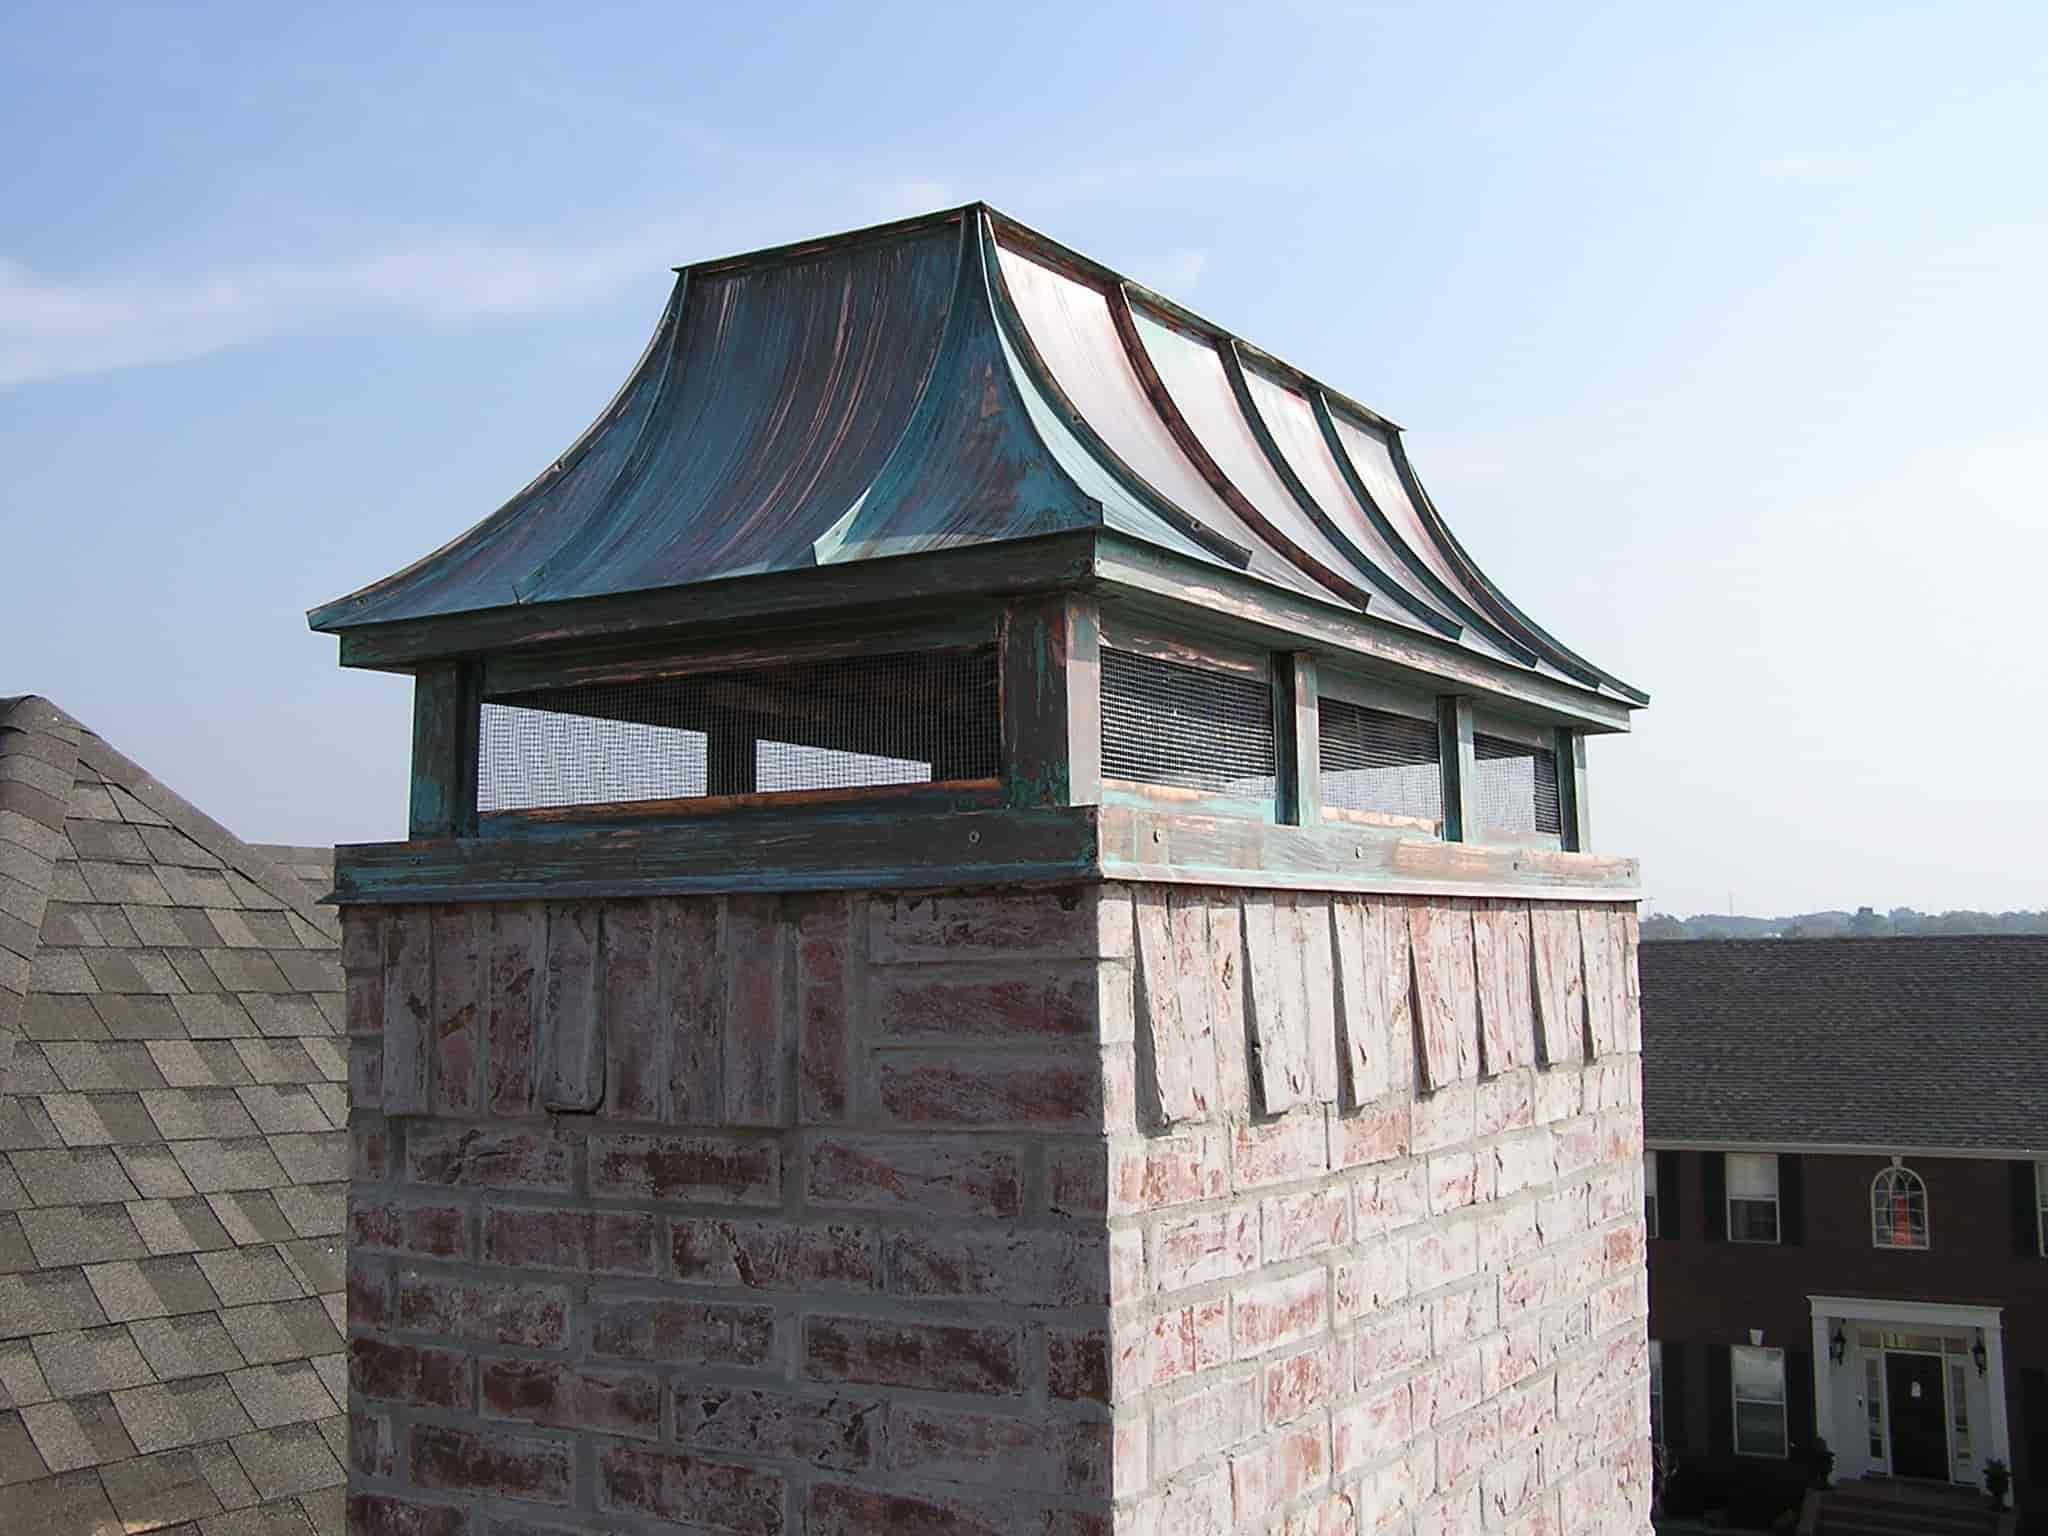 patina chimney cap installation on masonry chimney